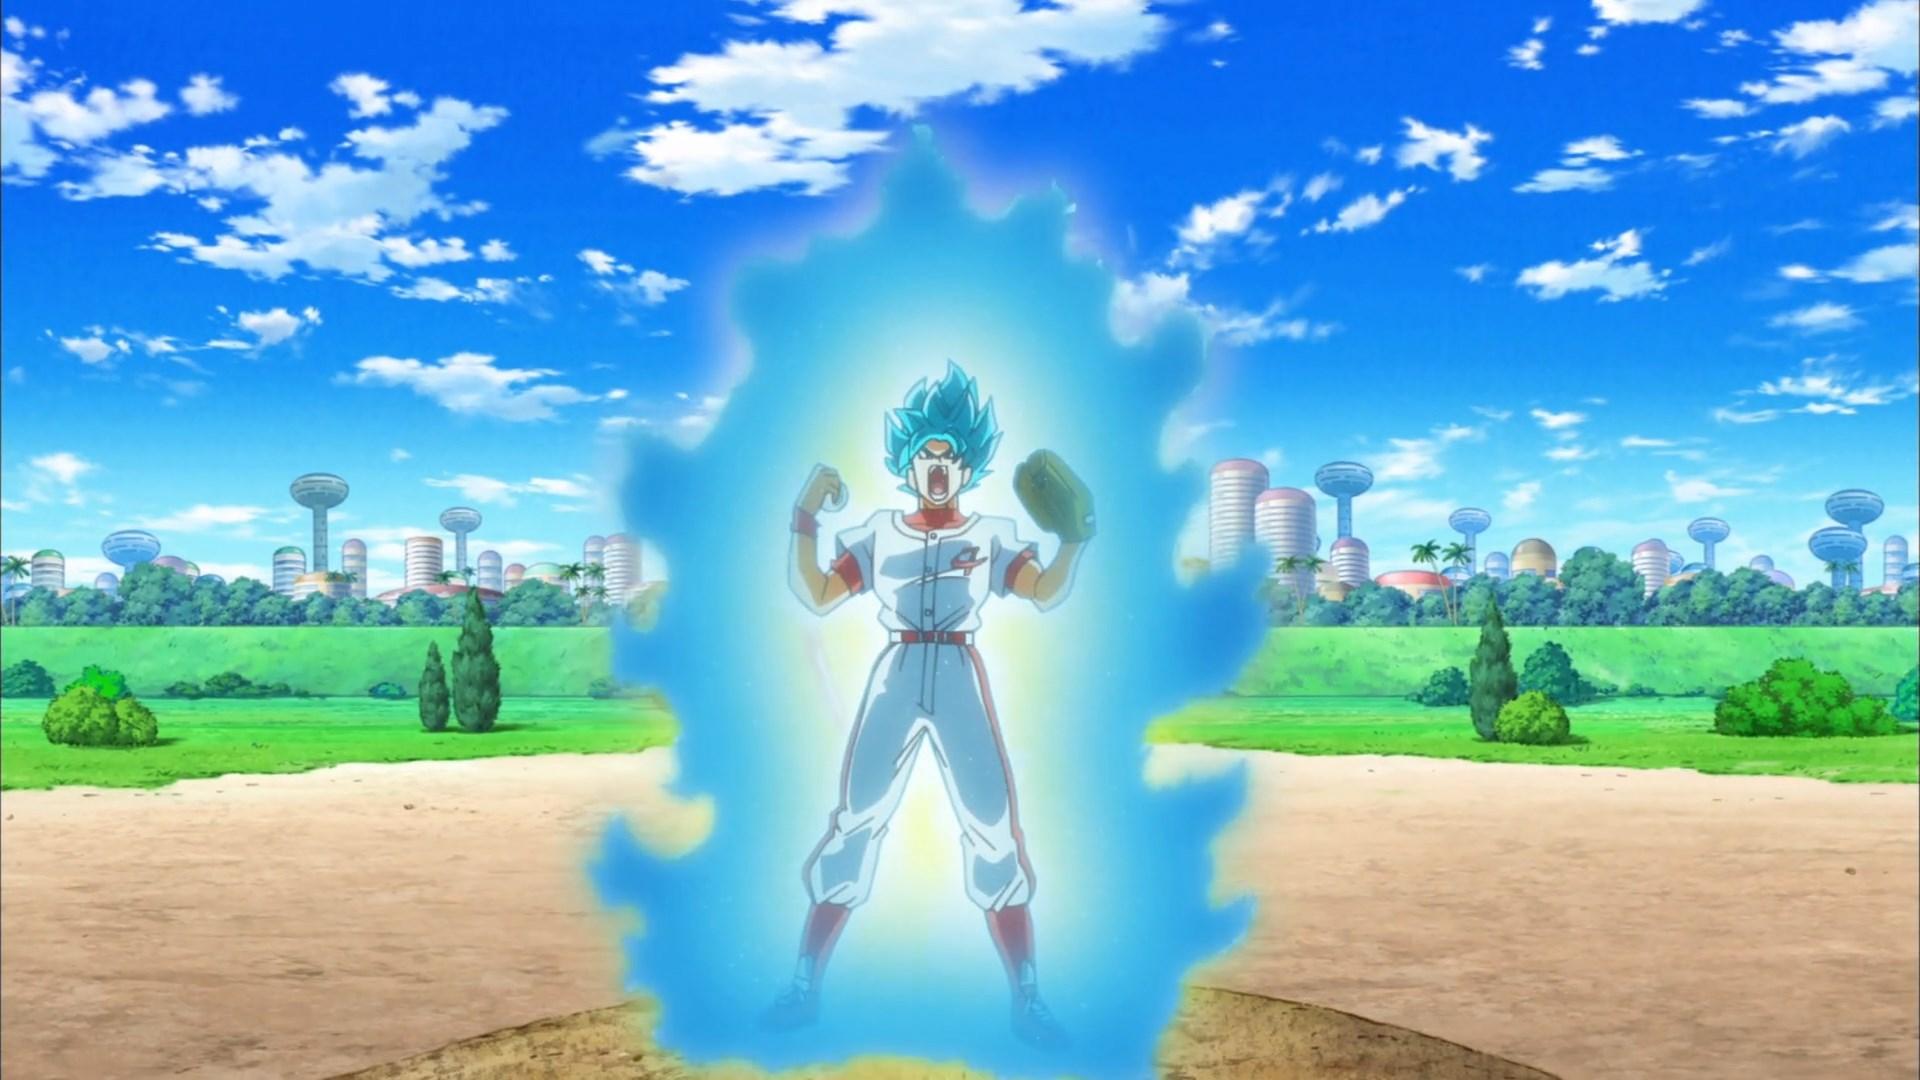 [DS] Dragon Ball Super 070 [1080p].mkv_snapshot_07.26_[2016.12.11_03.39.56]